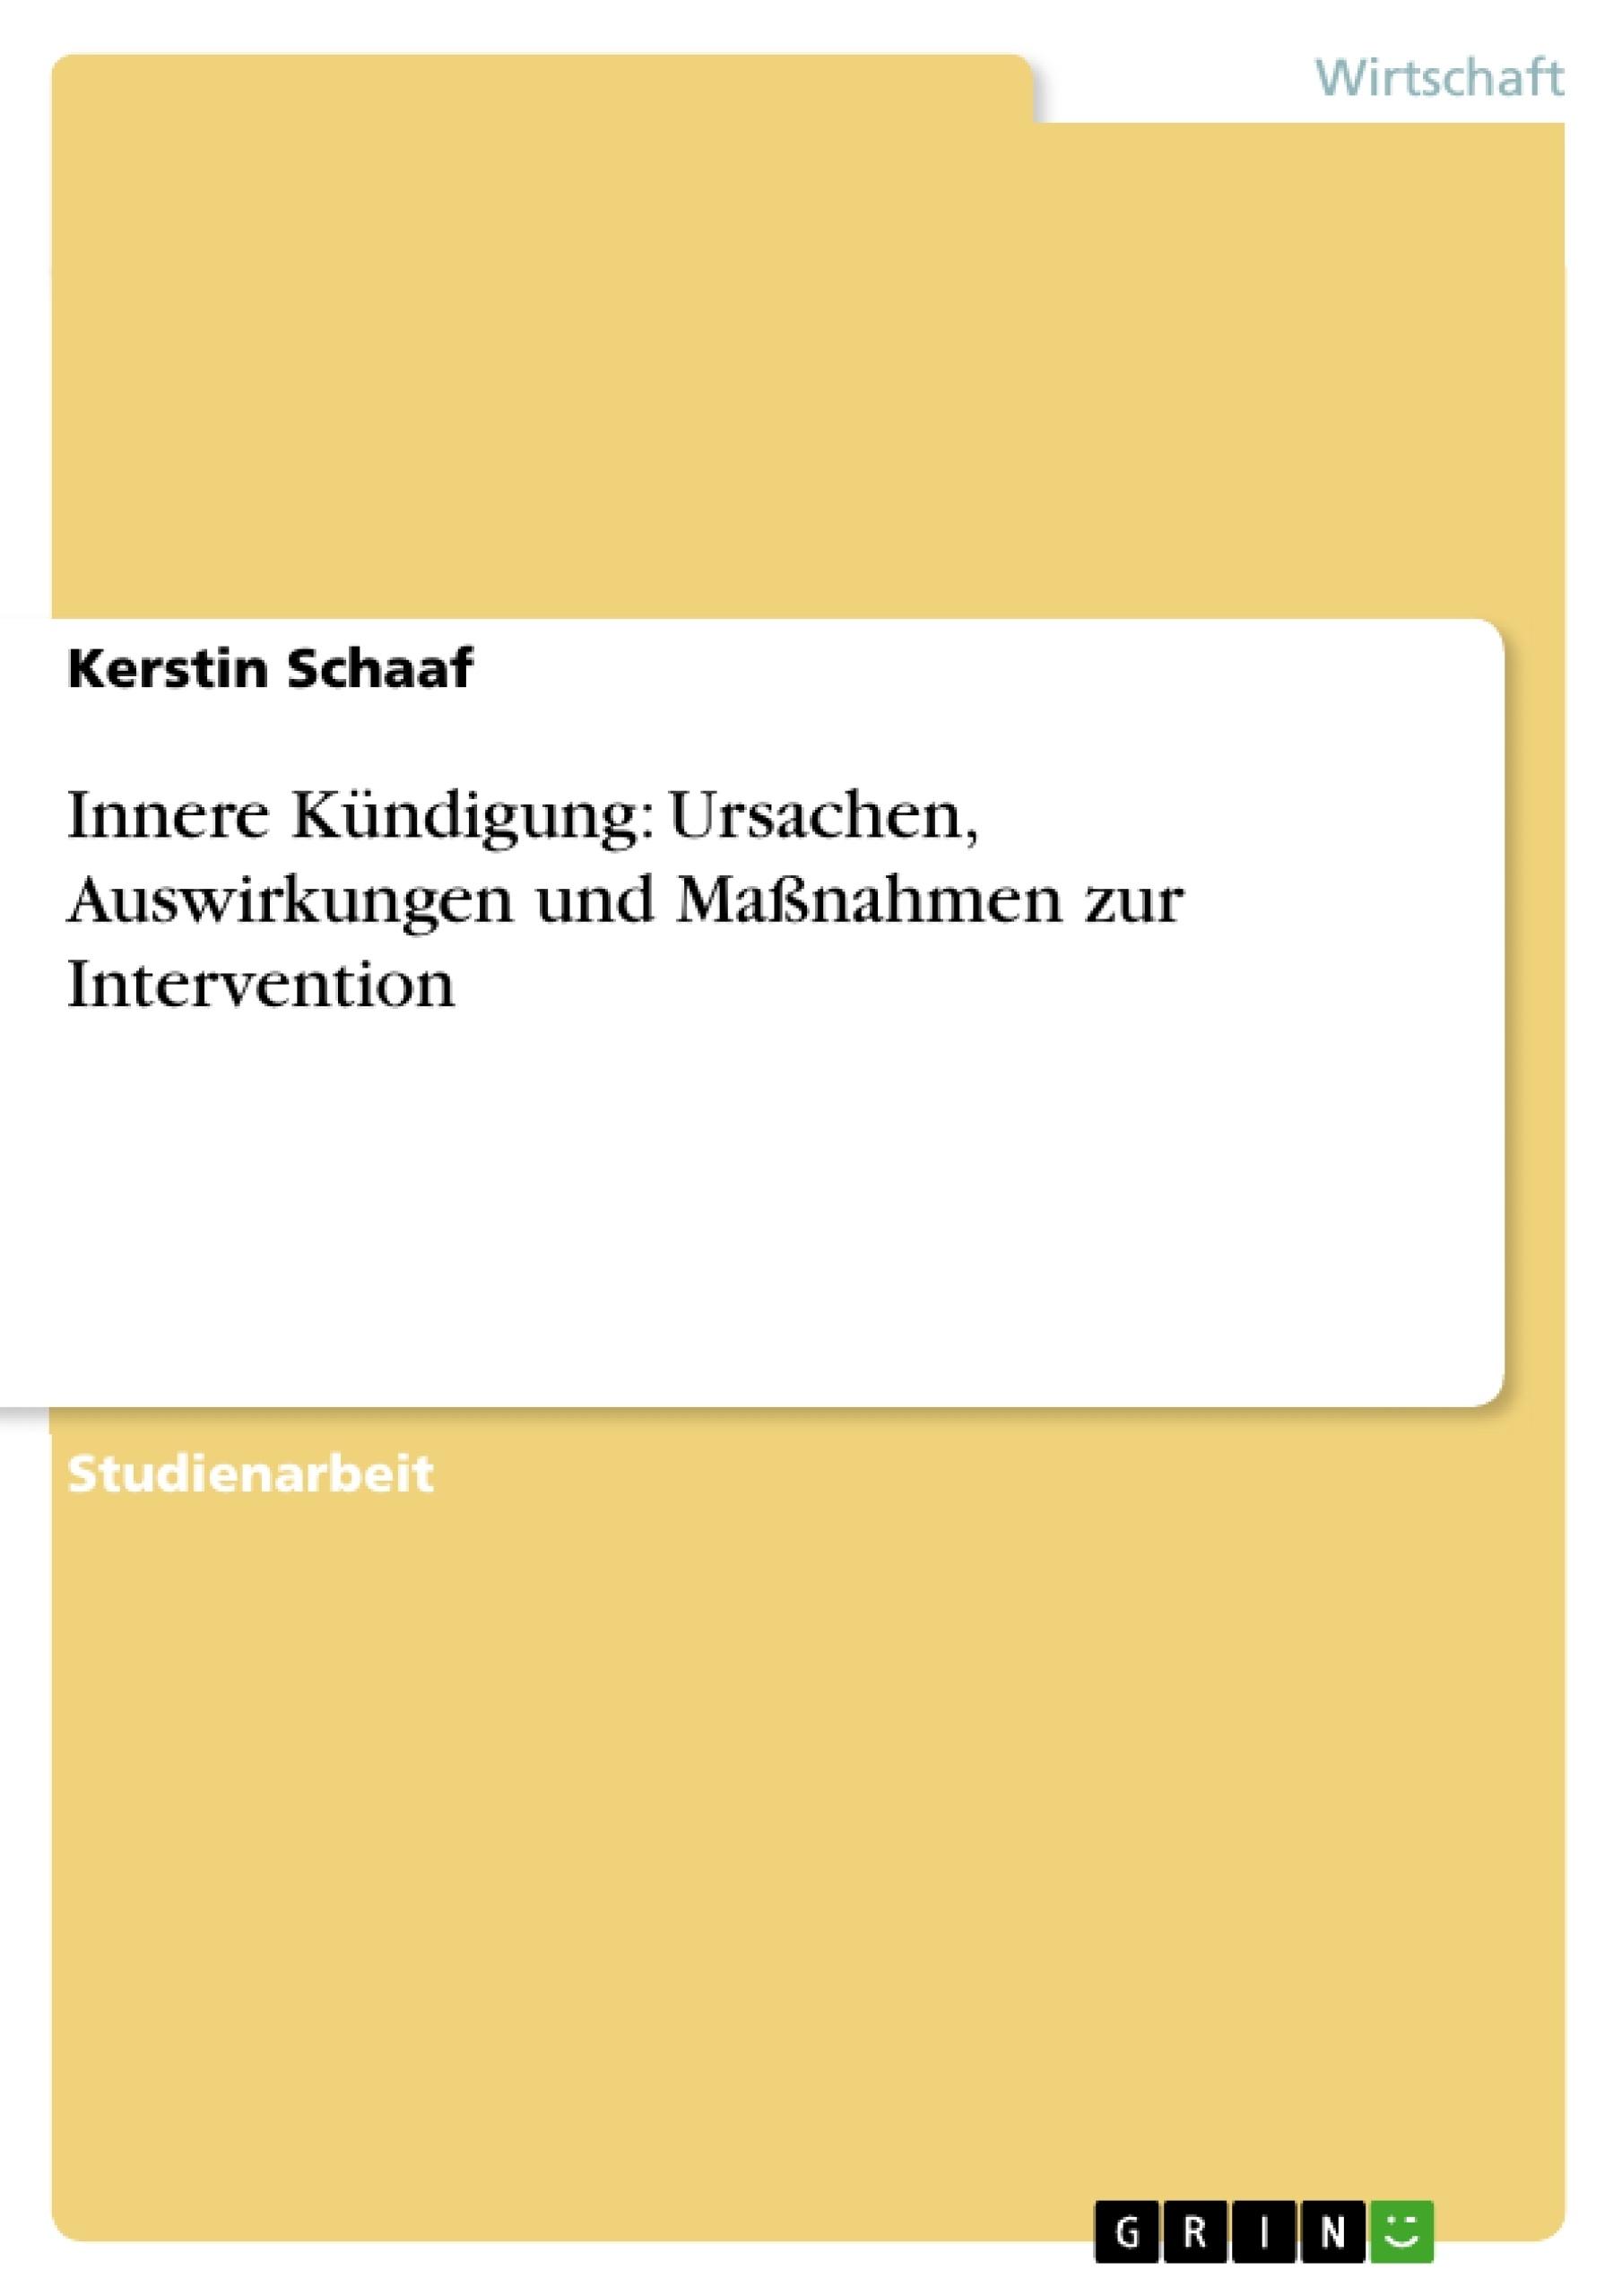 Titel: Innere Kündigung: Ursachen, Auswirkungen und Maßnahmen zur Intervention